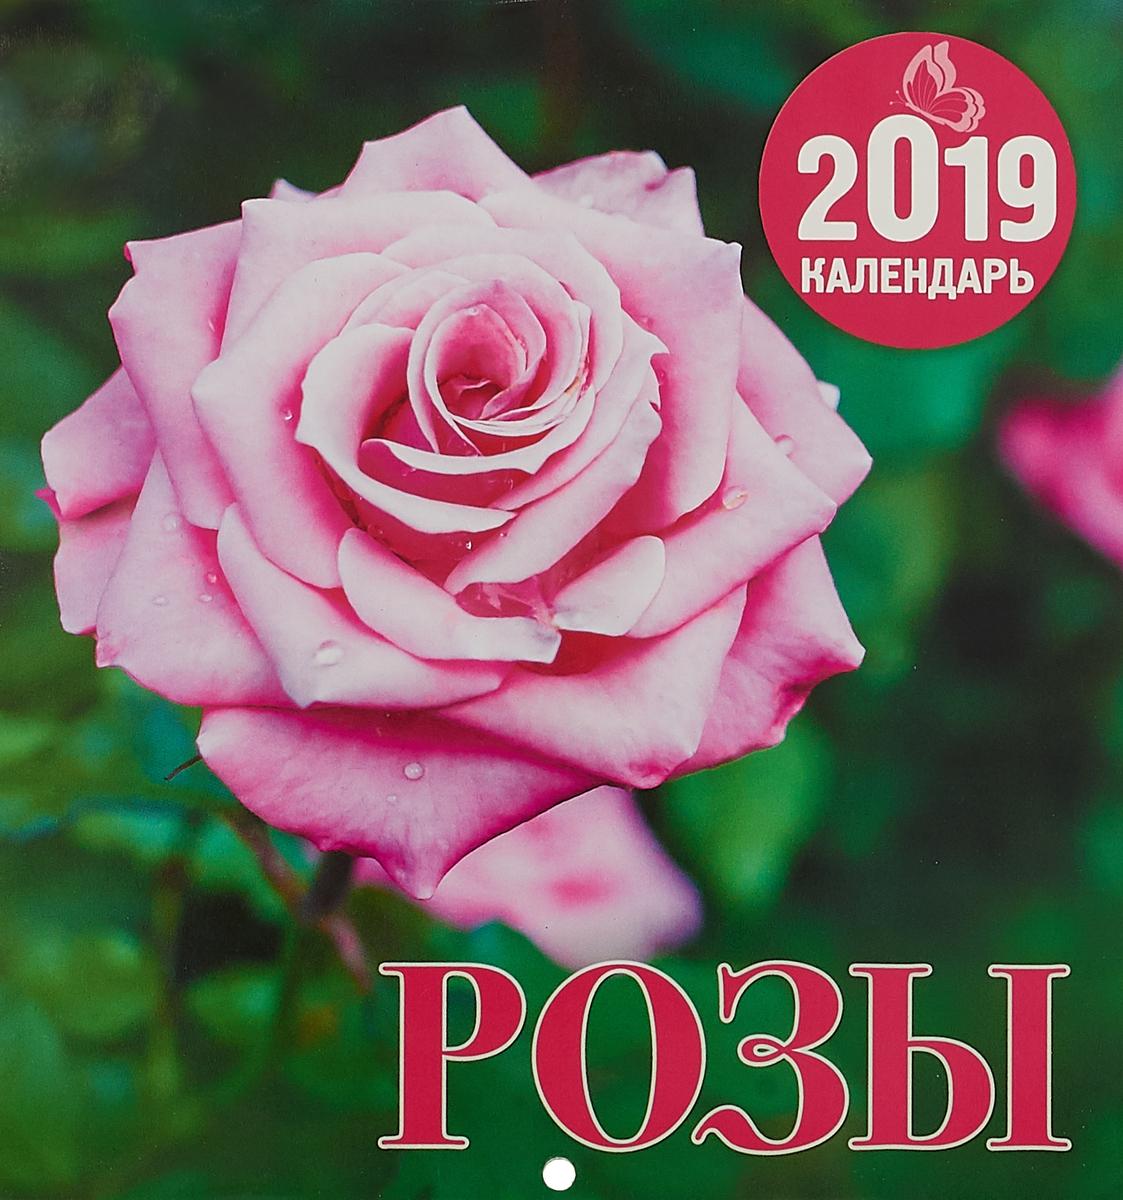 Календарь перекидной на 2019 год. Розы цены